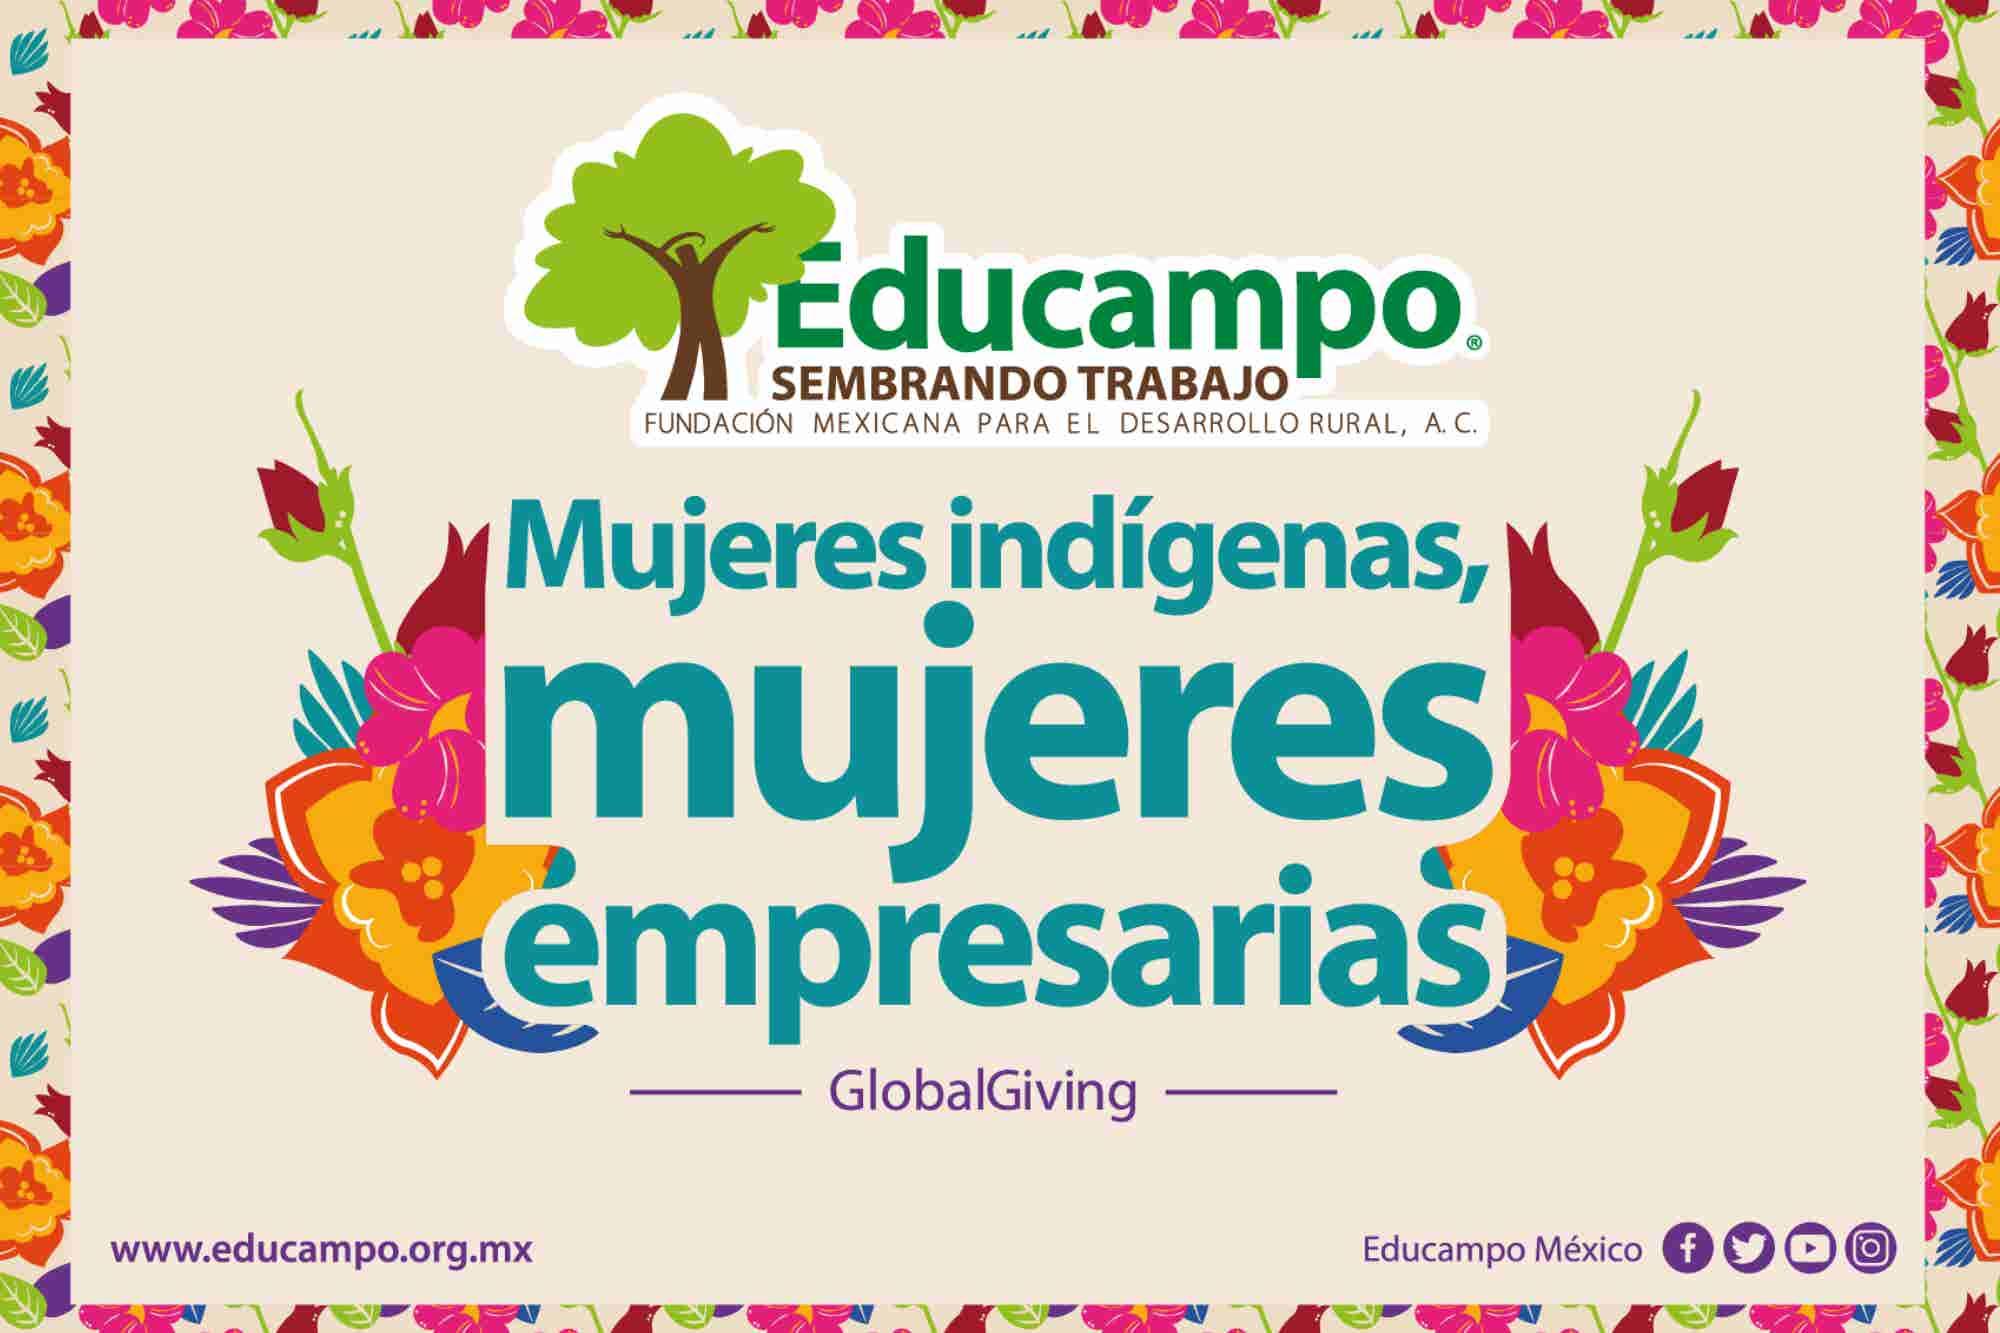 Este es el programa con el que puedes apoyar a las mujeres indígenas para combatir su pobreza y discriminación